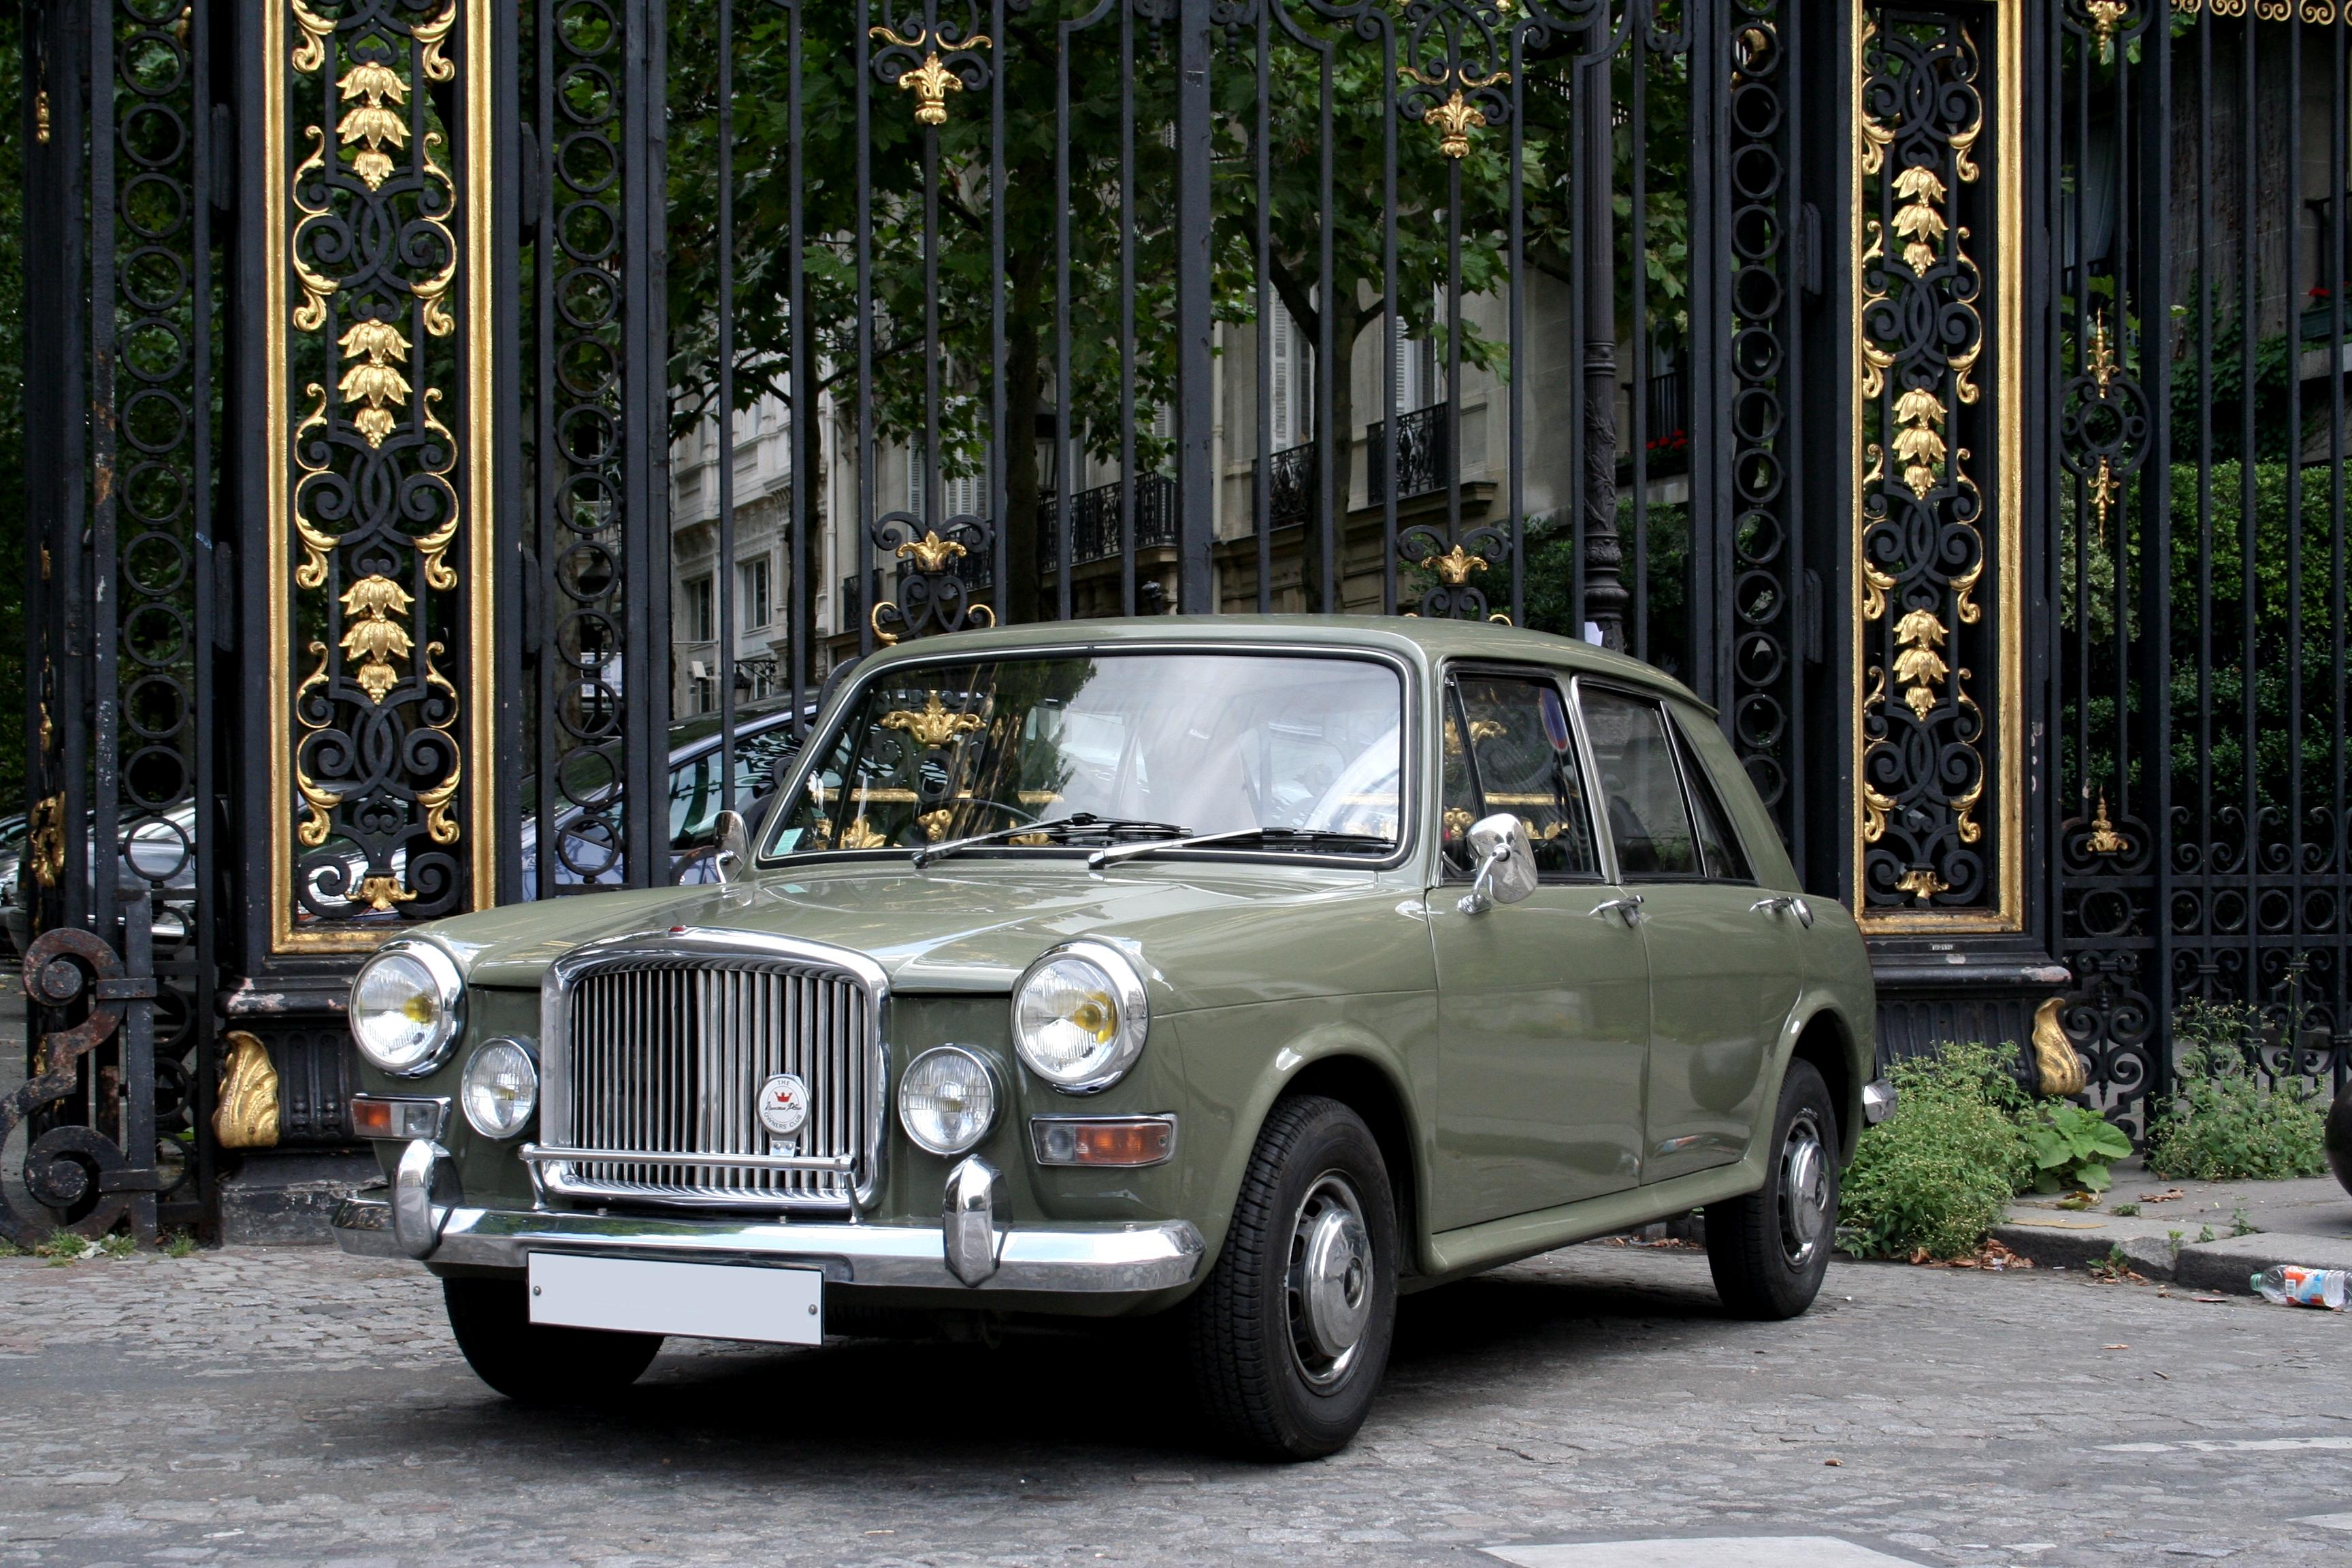 1974 austin princess van den plas 1300 classic driver market rh classicdriver com 4 Litre Vanden Plas Princess R 1967 Vanden Plas Princess